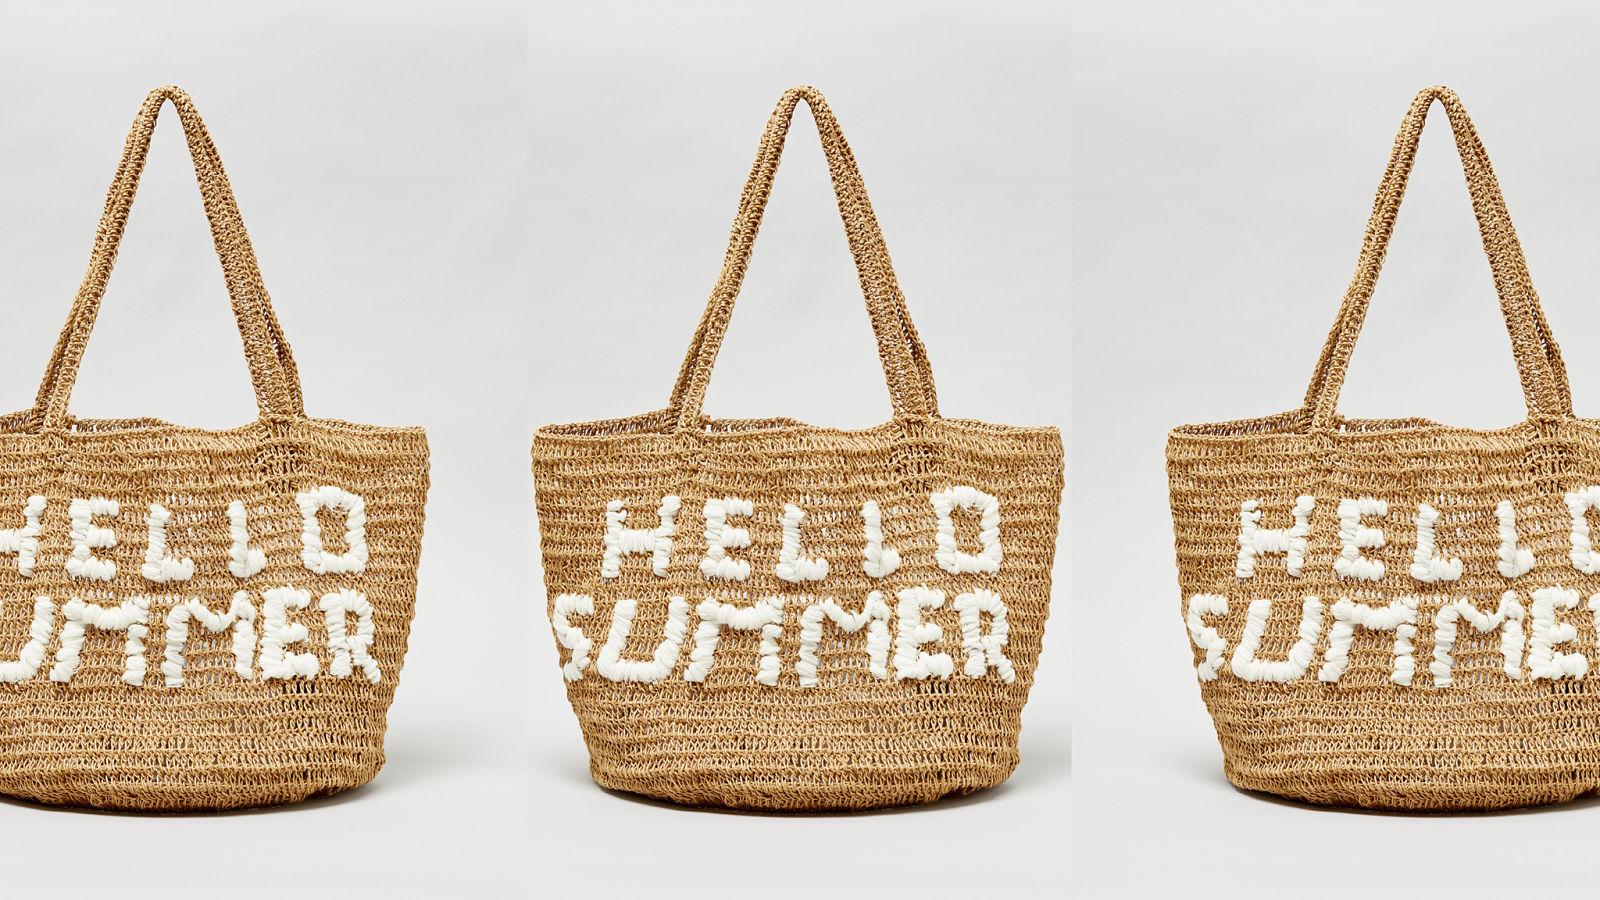 13 bolsos de playa que te enamorarán (a ti y a todos) este verano.